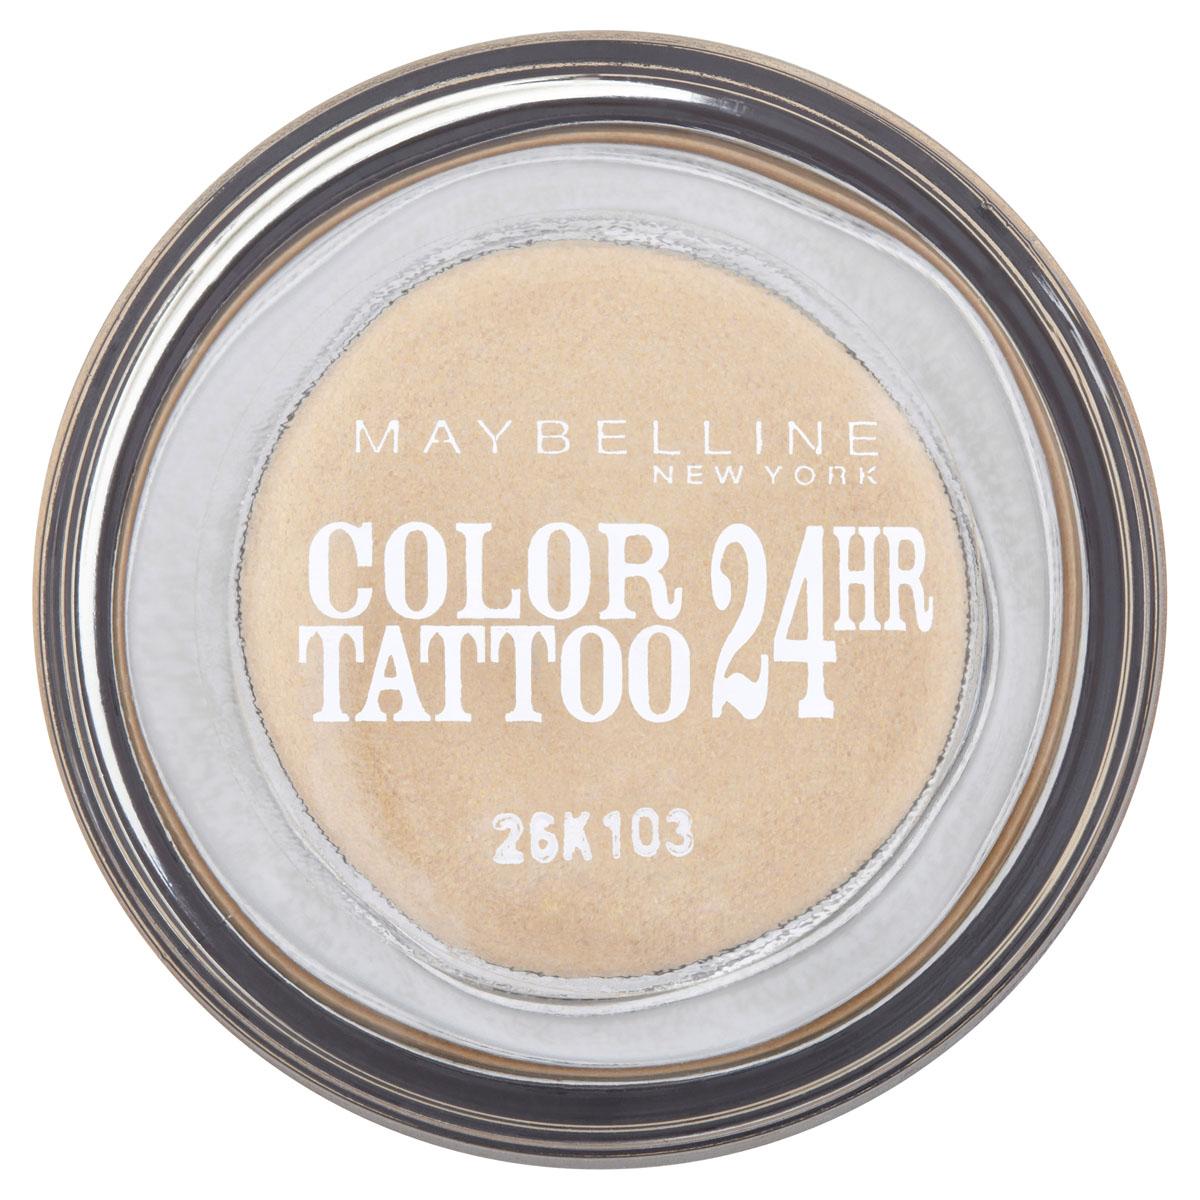 Maybelline New York Тени для век Color Tattoo 24 часа, оттенок 05, Вечное золото, 4 млB1949000Осмелься на ультраяркий, самый стойкий цвет!Супернасыщенные крем-гелевые тени с технологией тату-пигментов.Насыщенные, устойчивые тениMaybelline Color Tattoo 24 часа предназначены для дневного и вечернего макияжа. Тени словно татуировка надежно закрепляются на коже, не боятся влаги, не скатываются и не размазываются, даже если потереть глаза рукой.Товар сертифицирован.